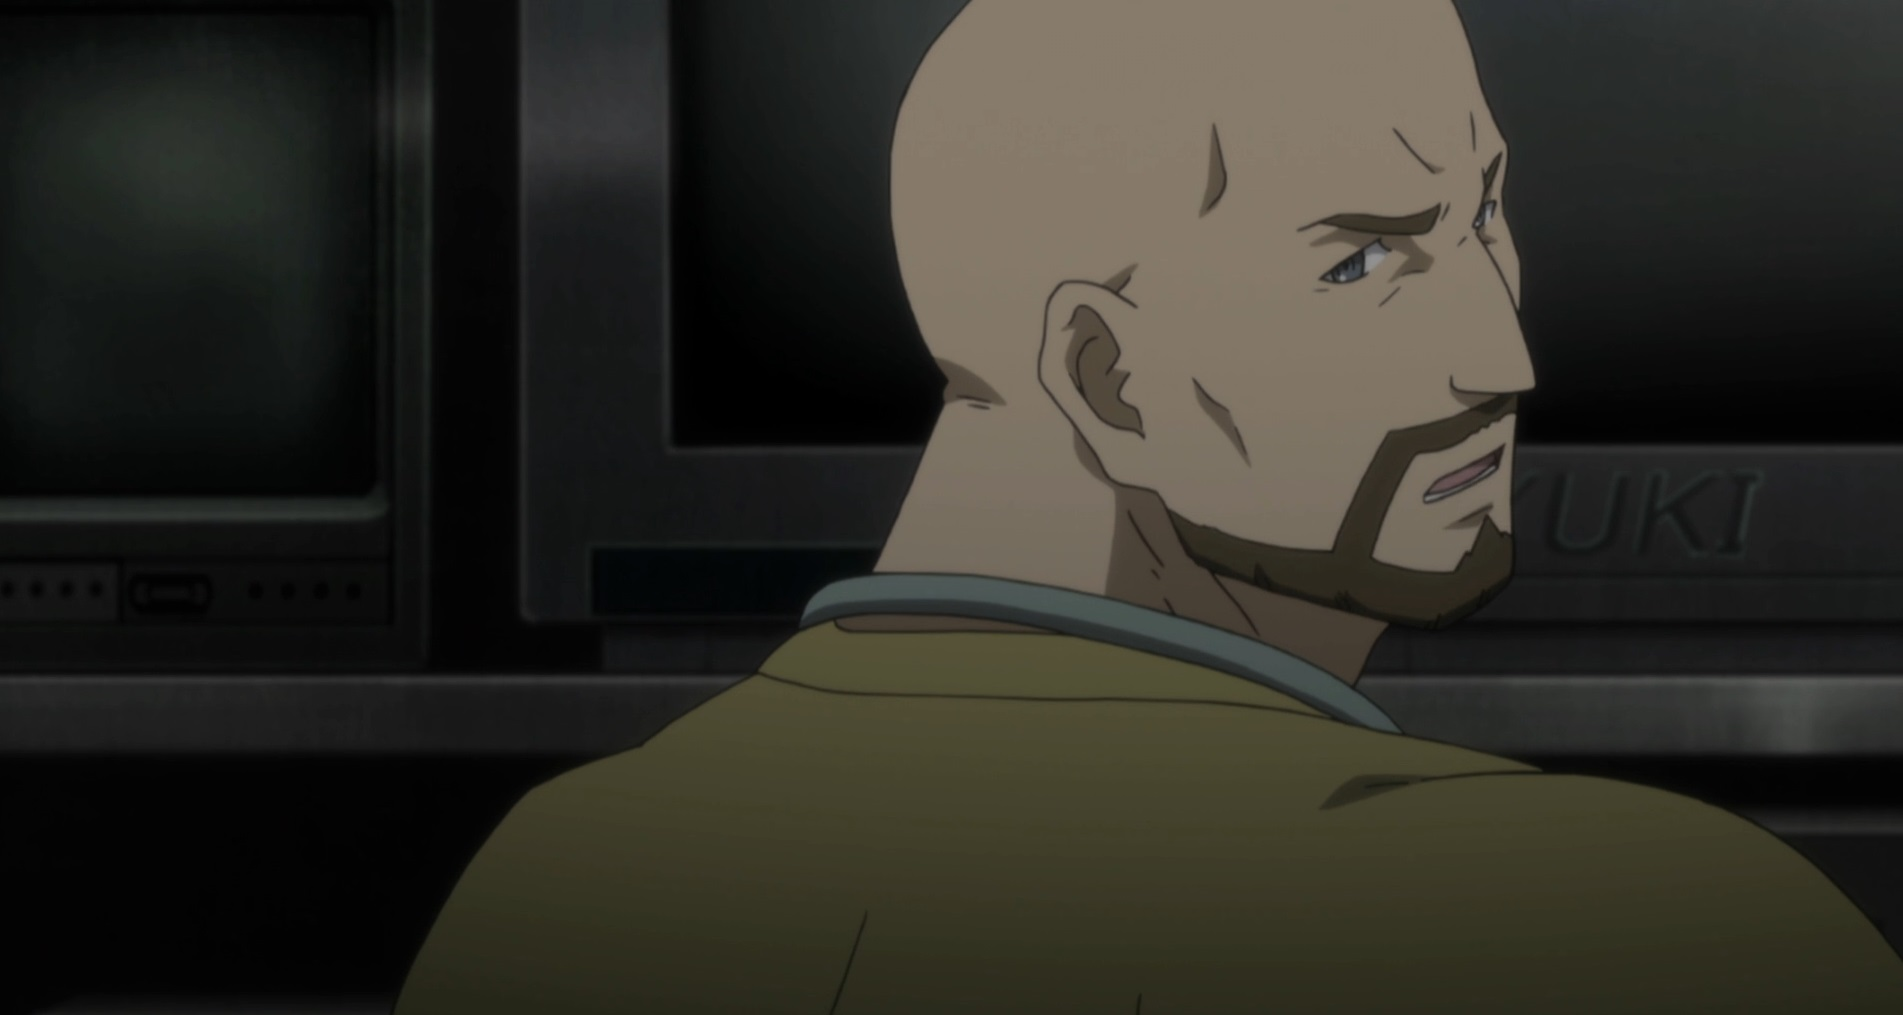 Steins Gate Zero Episode 7 Review